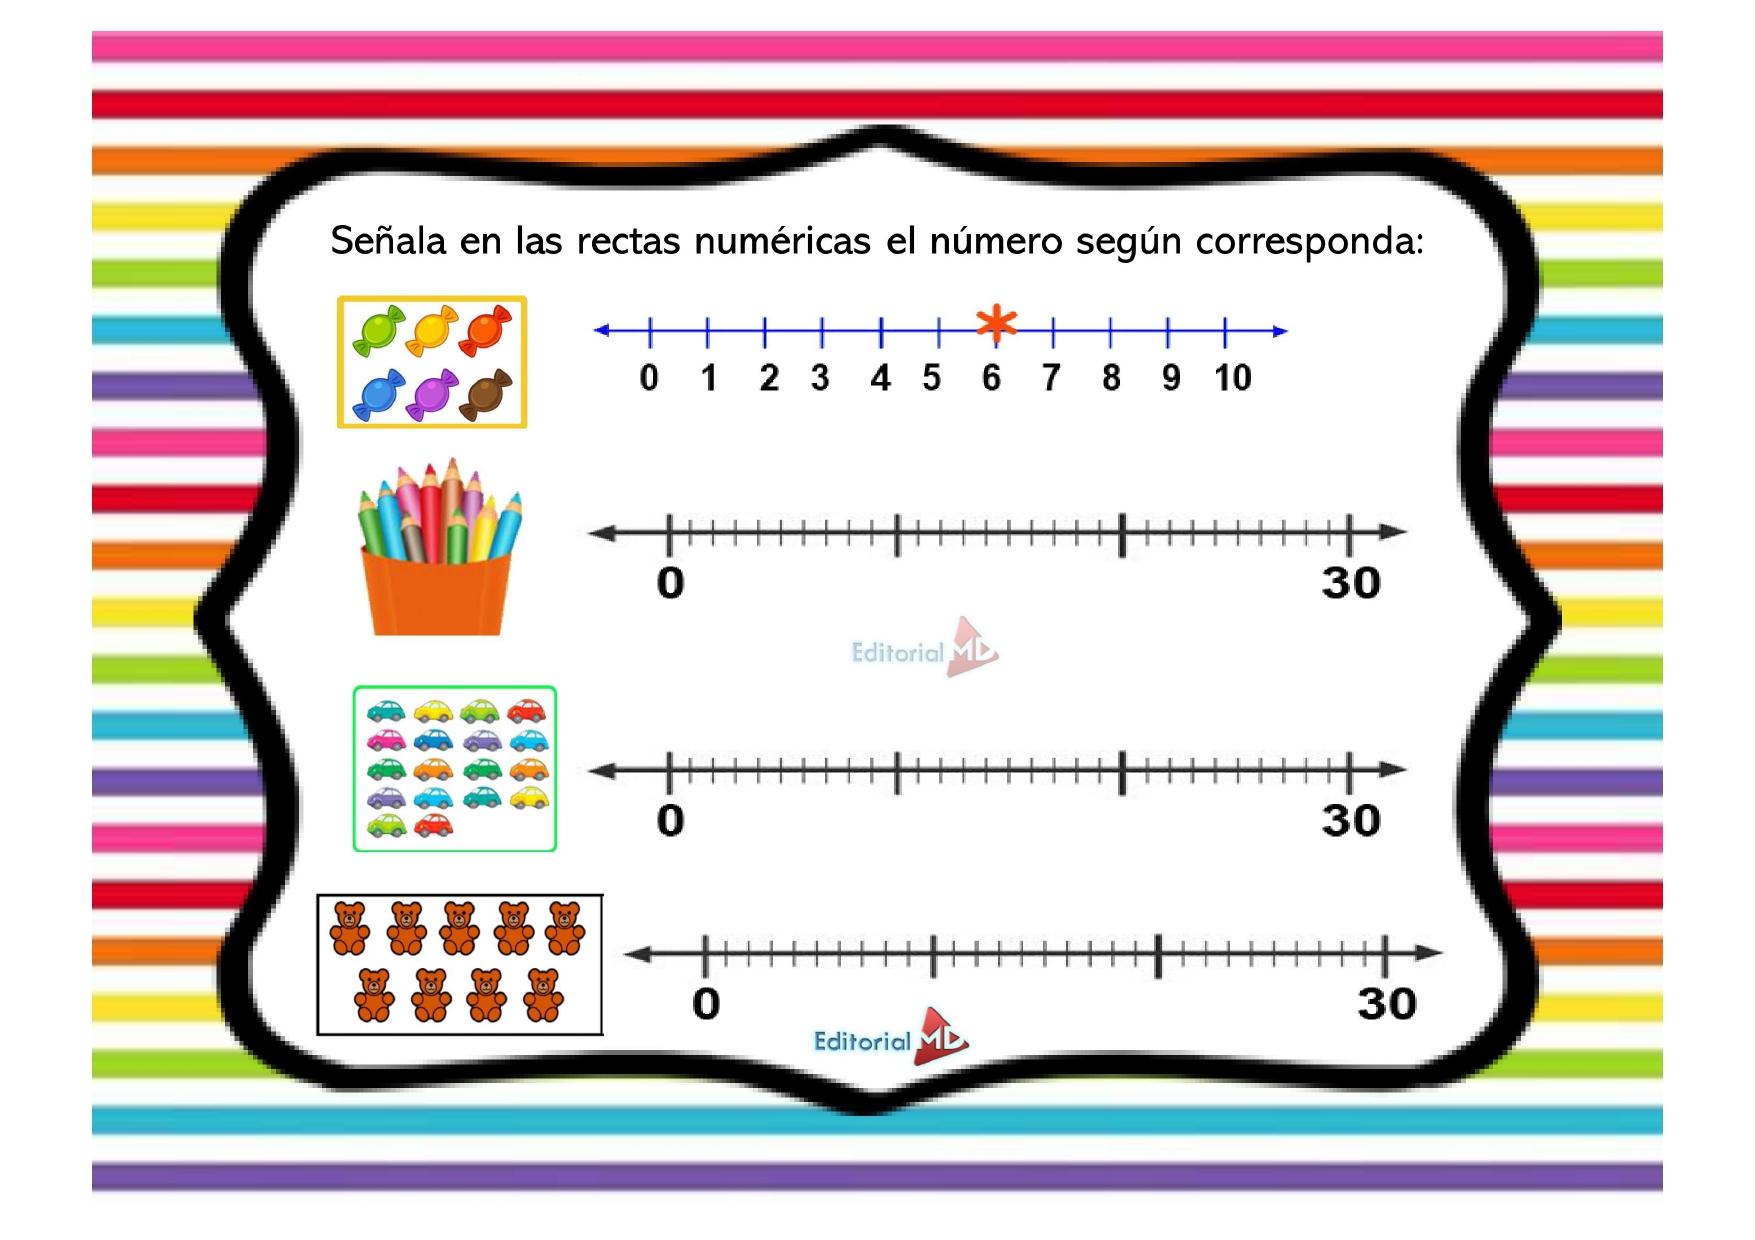 ejercicios de recta numérica para niños de primaria